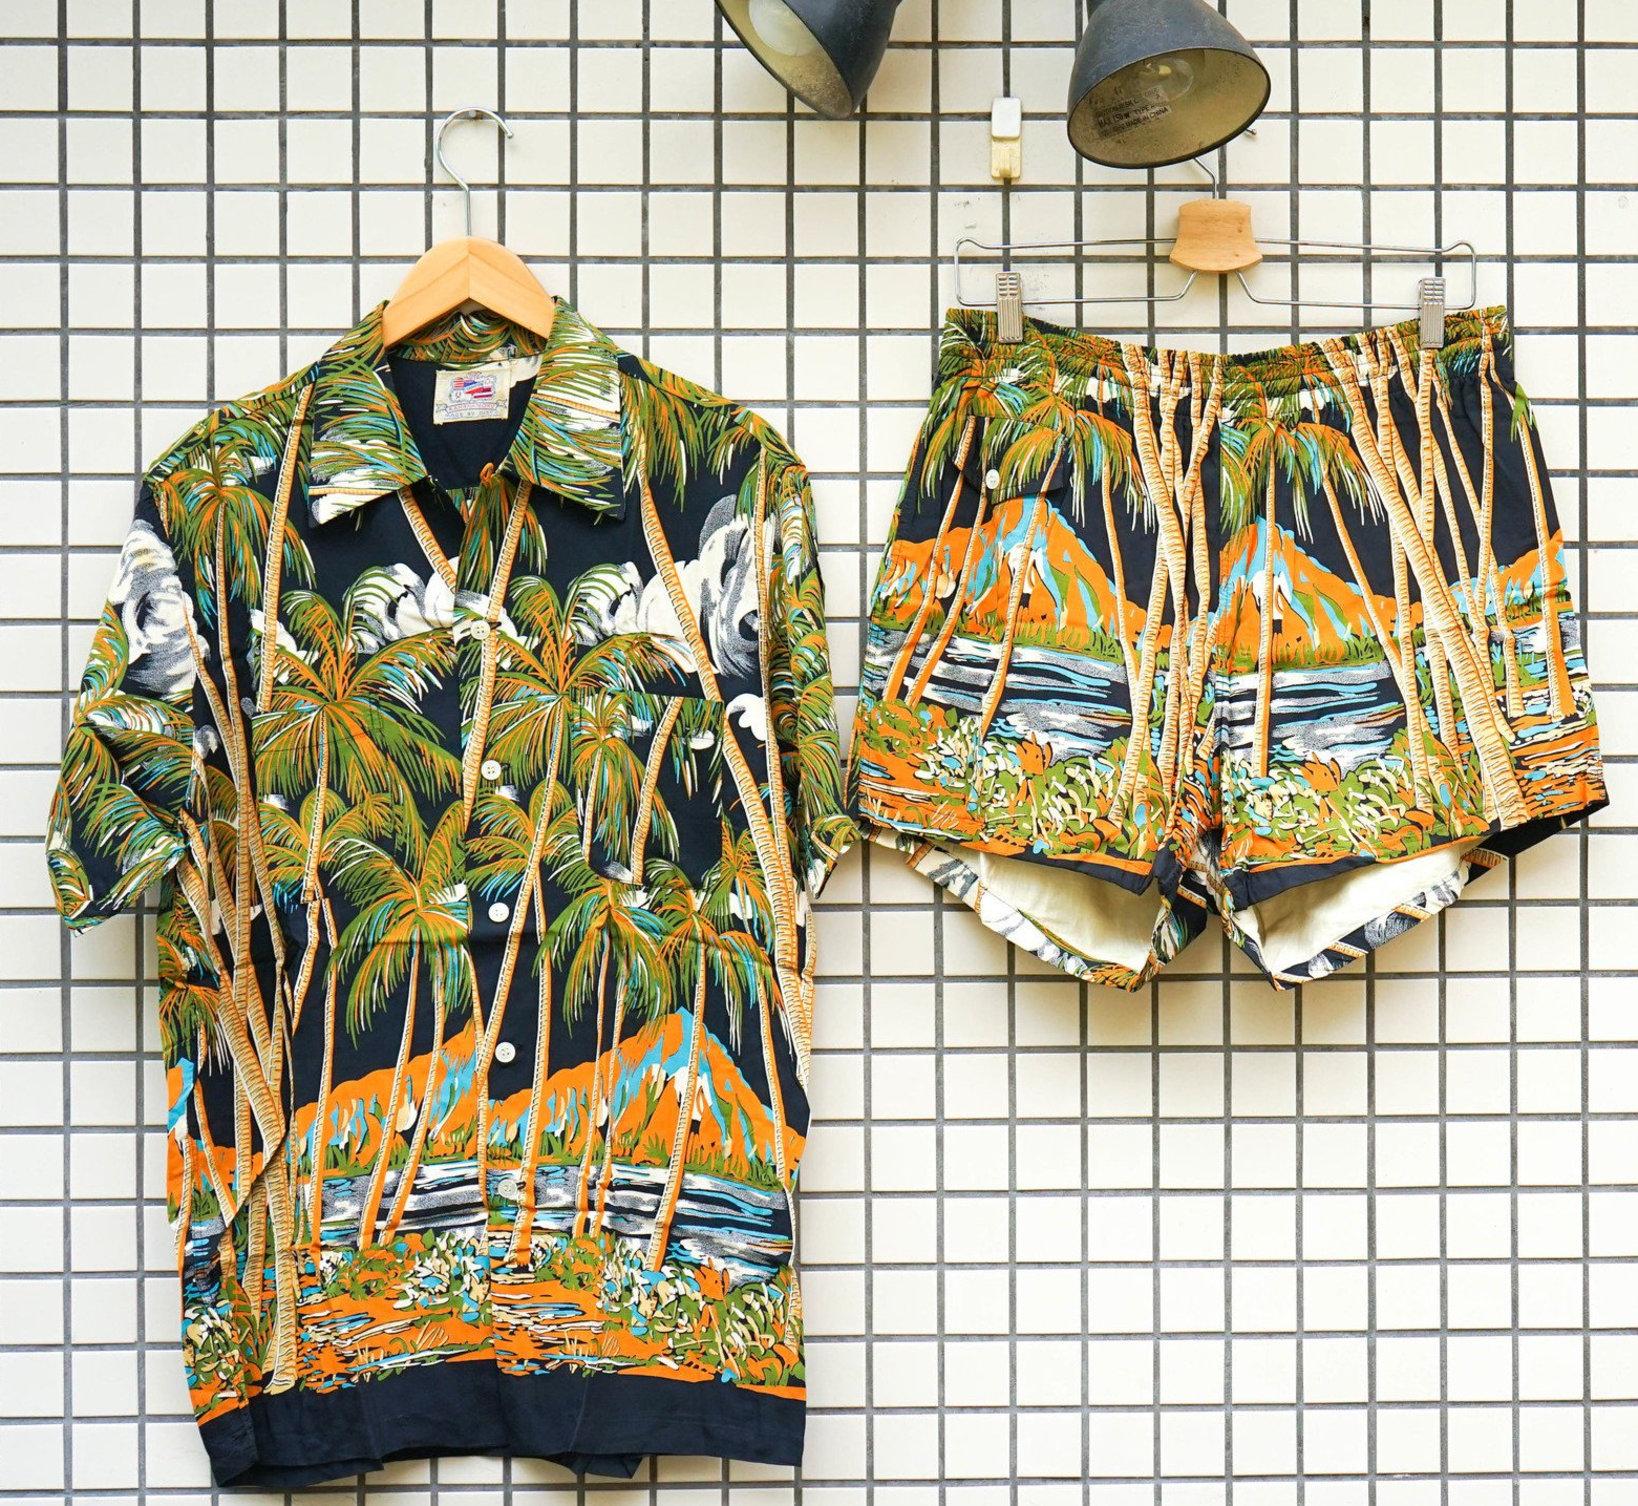 デューク・カハナモクがプロデュースしたアロハシャツ。今でこそアロハシャツは単体で販売されているが、昔は海パンとセットで販売されていた。レーヨンが使用されており。地面と接触するパンツは破れやすいので、ヴィンテージとなると海パンが見つかることは稀。また、このシャツはベースの色が黒なのもポイント。日本同様、ハワイでも正装が求められる場面では黒を着用する。ハワイアンシャツはラフな場で着るものなので、黒はあまり製造されていない。(参考品)